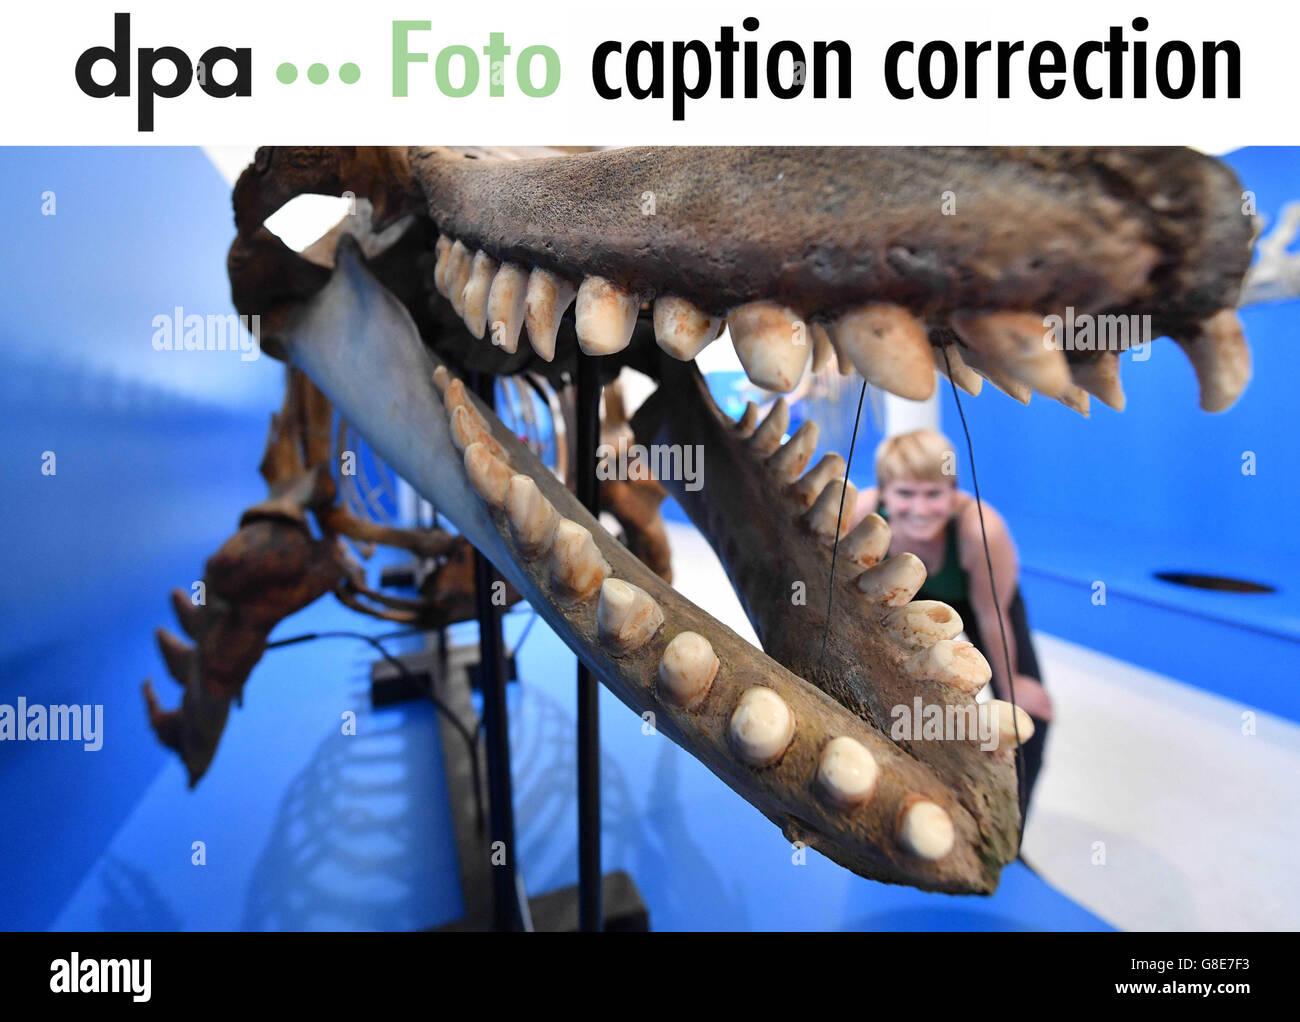 Viele Wale datierenEramoniale Datierung relatii-elmaz.ro